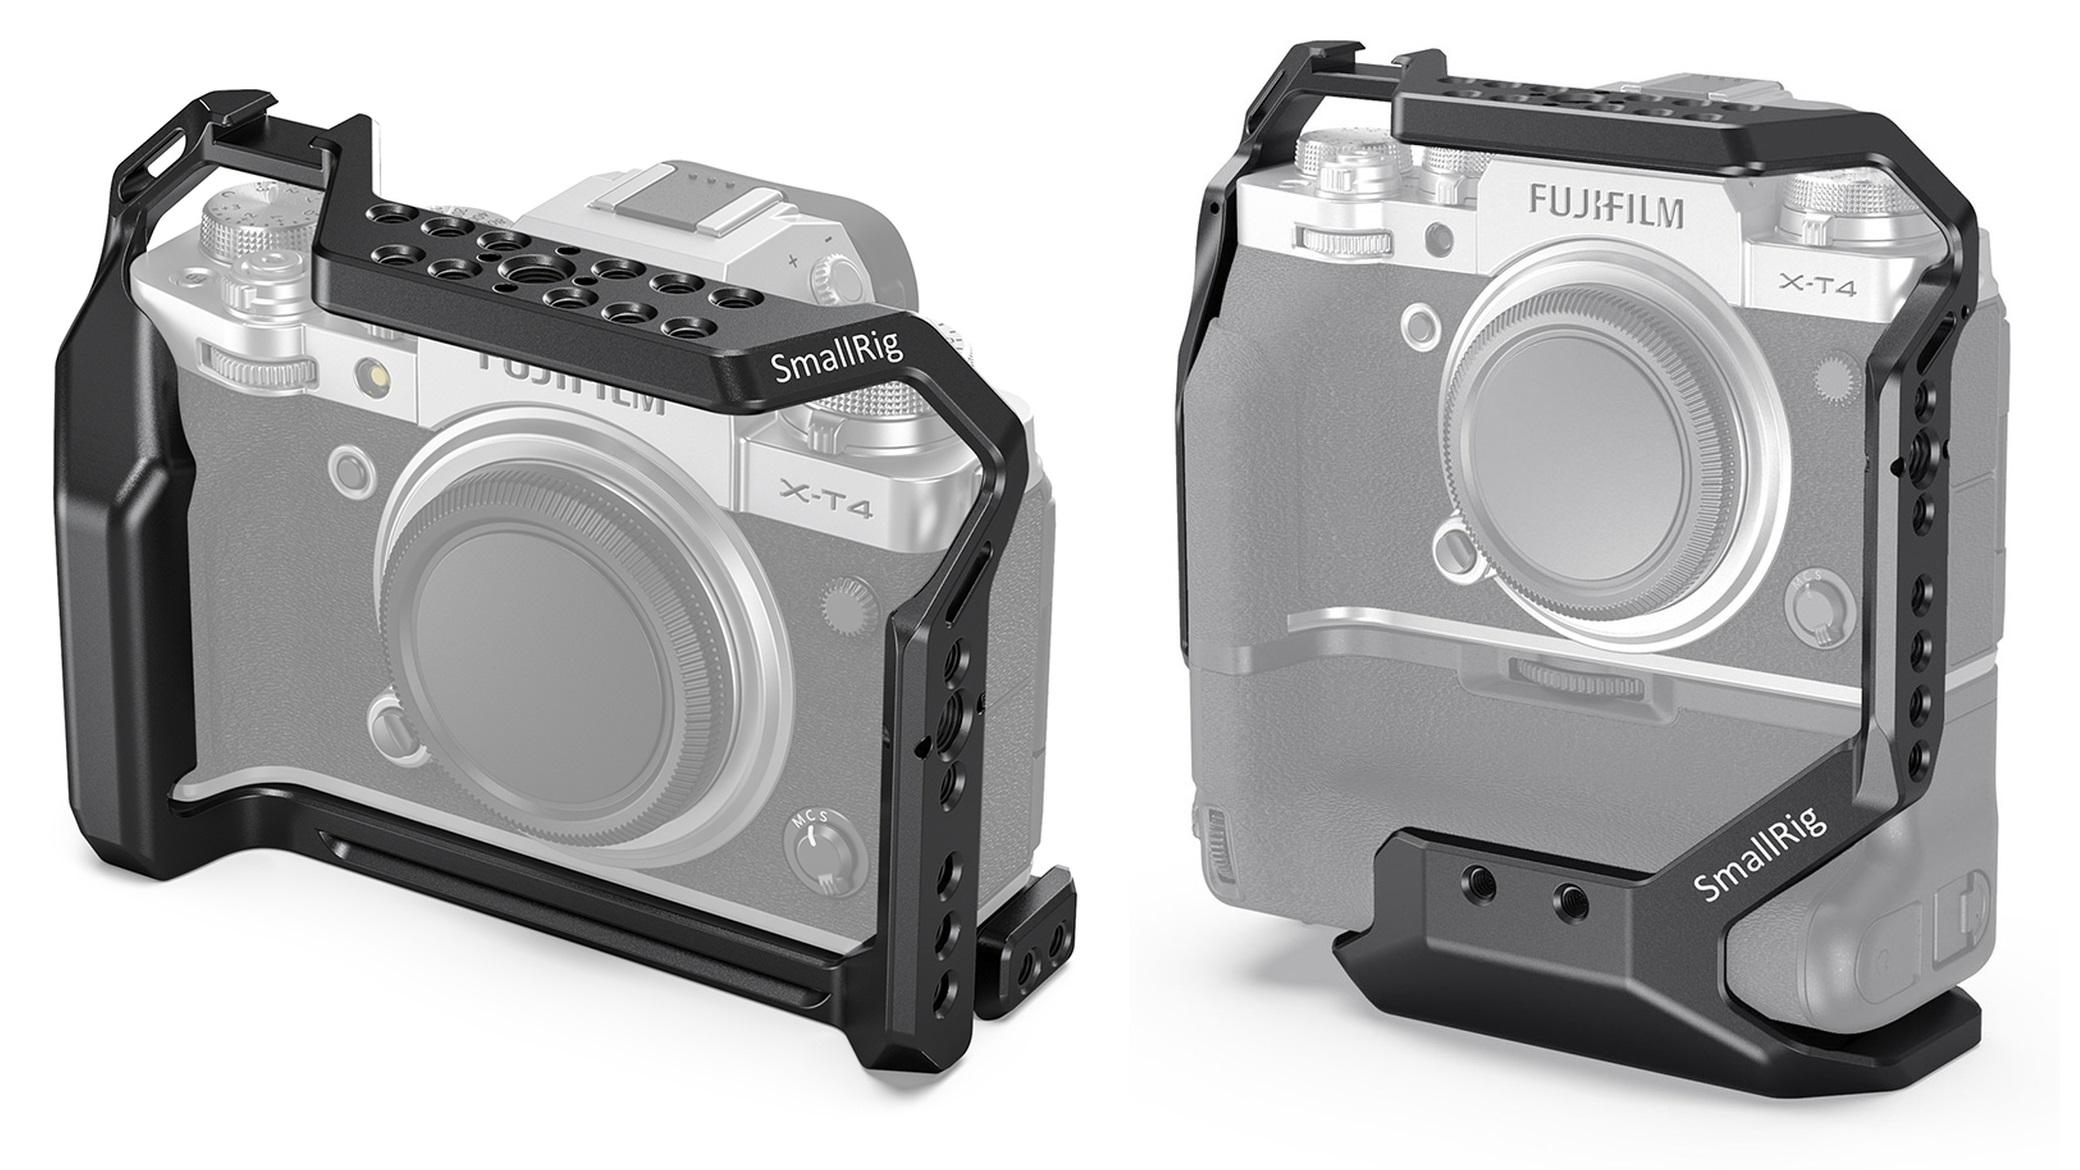 SmallRigが富士フイルムX-T4用ケージを発表